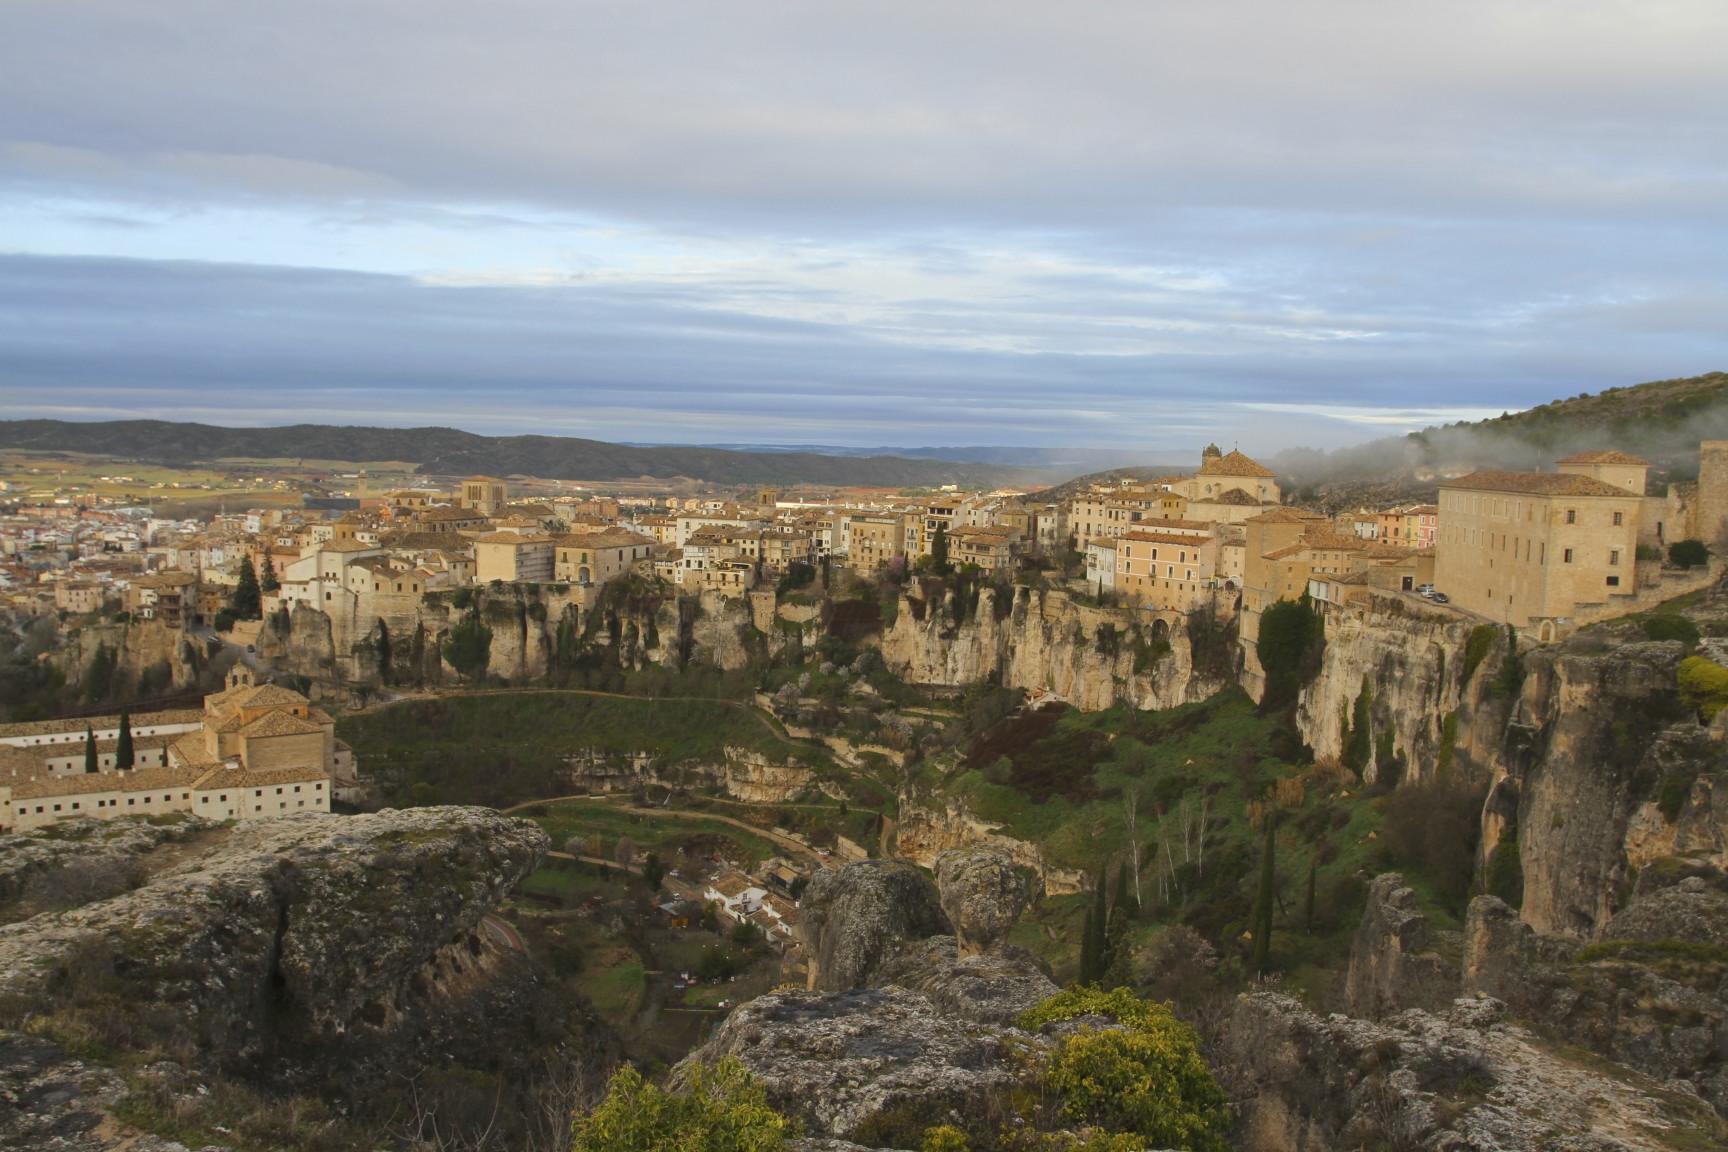 Cuenca Castilla La Mancha Spain Notes From Camelid Country